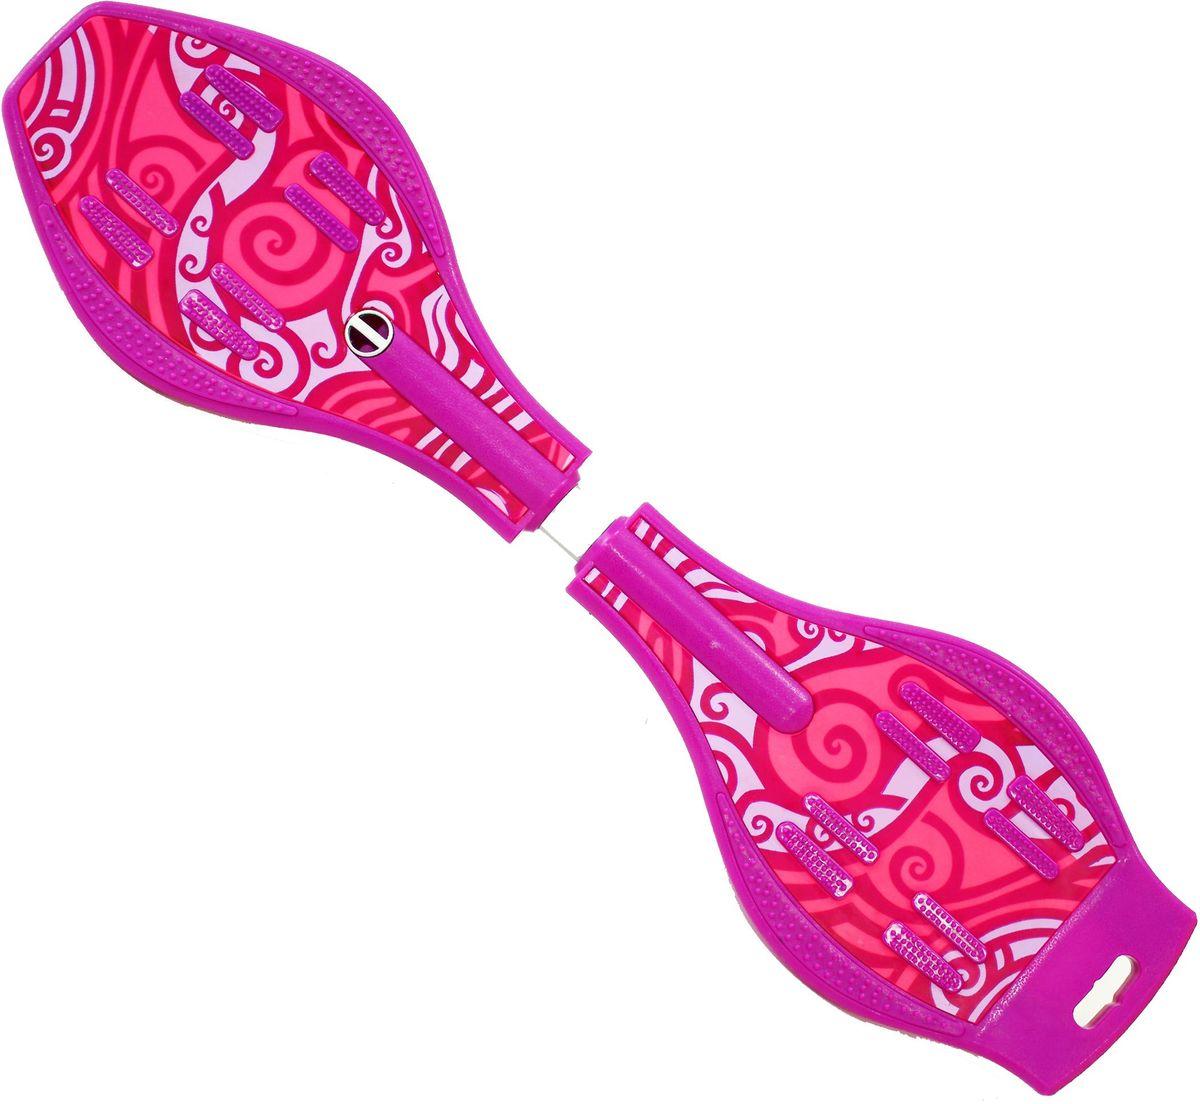 Роллерсерф Dragon Board Totem, цвет: фуксия, розовыйво2226Роллерсерф Dragon Board Totem - это уникальный скейтборд на двух колесах. Полиуретановые колеса на высокоскоростных подшипниках позволяют быстро разогнаться и катиться долгое время без остановок. Подшипники крутятся легко и без усилий. Колеса скейтборда выполнены из прочного полиуретана и вращаются на 360°. Легкая и прочная пластиковая платформа со специальным противоскользящим покрытием состоит из двух частей, прочно соединенных торсионной пружиной. Выдерживает вес: до 70 кг.